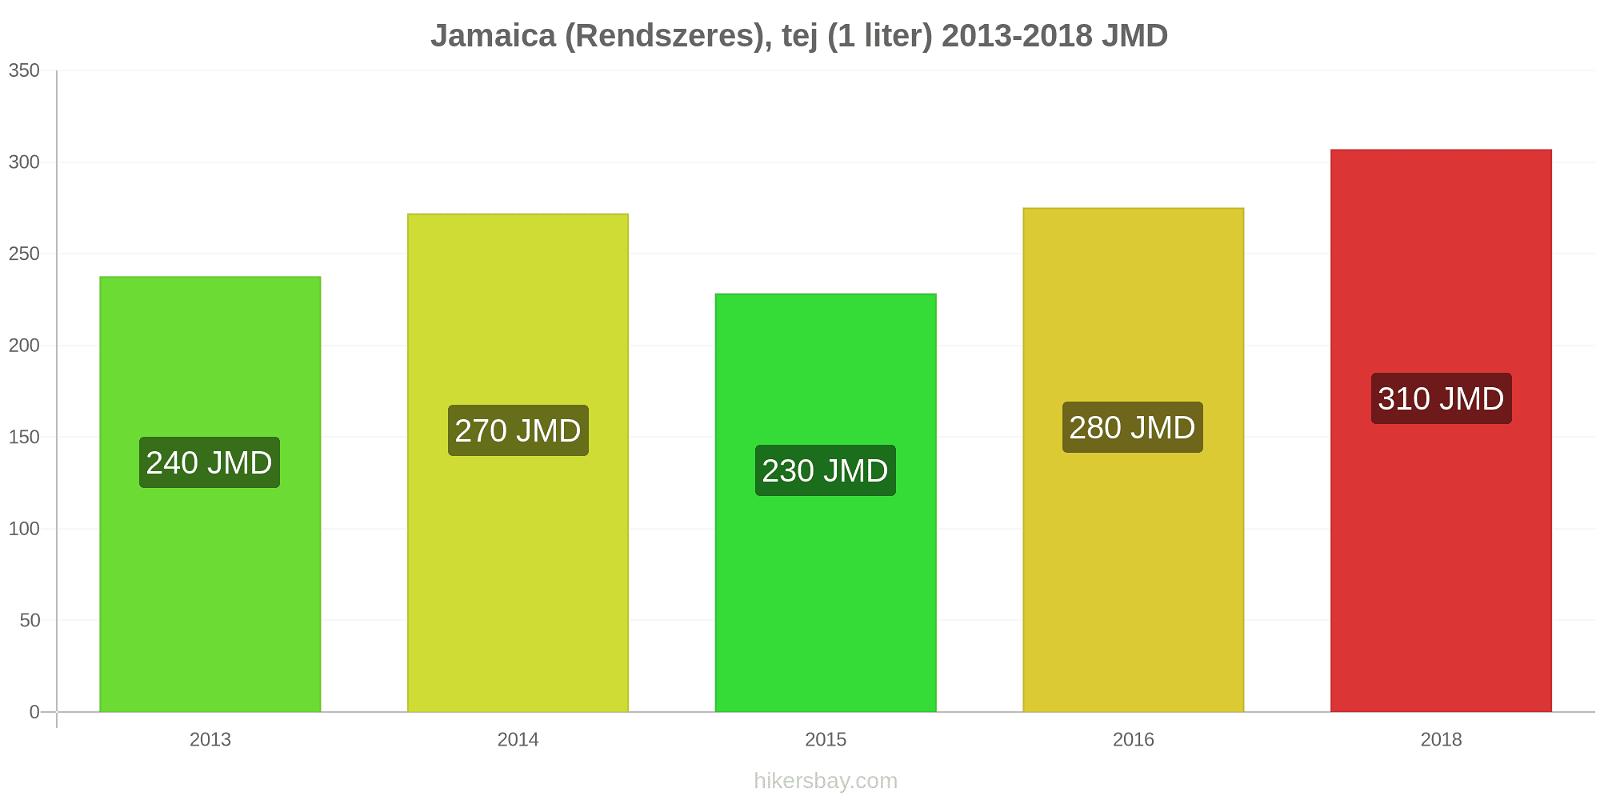 Jamaica árváltozások (Rendszeres), tej (1 liter) hikersbay.com